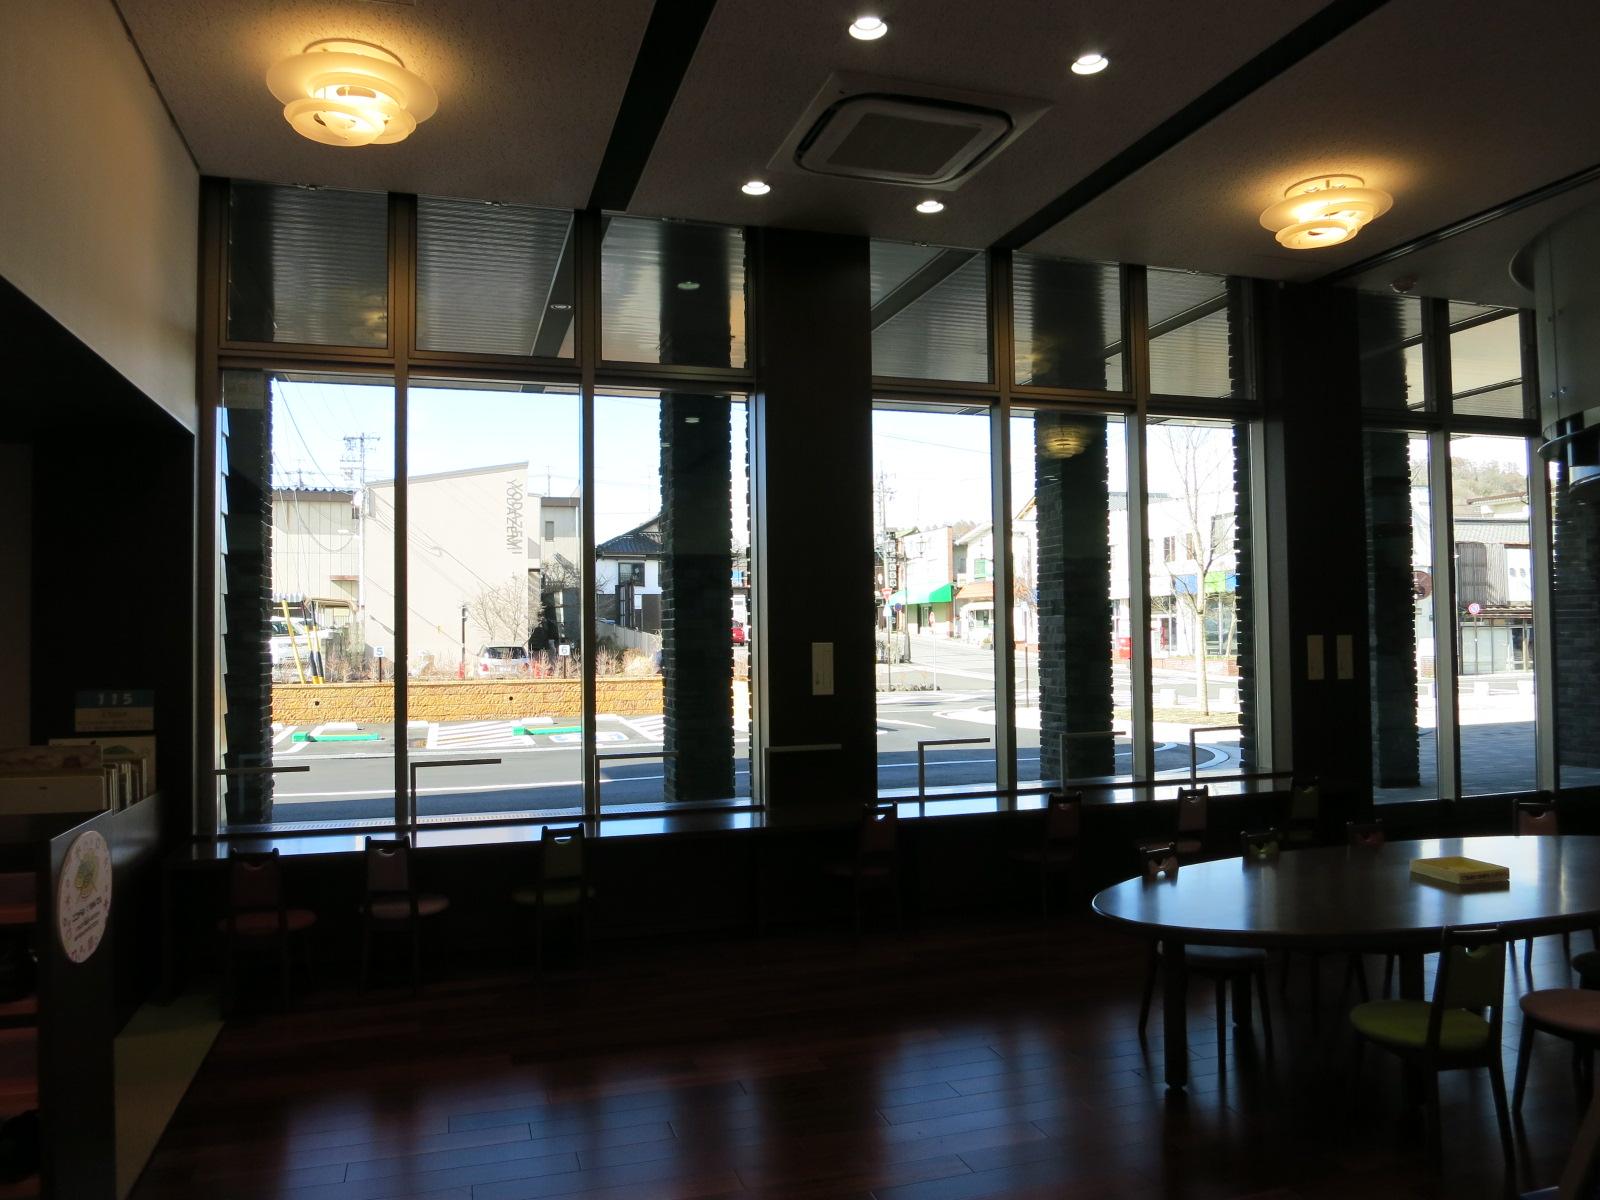 軽井沢町立 中軽井沢図書館[くつかけテラス内]_f0236260_227438.jpg